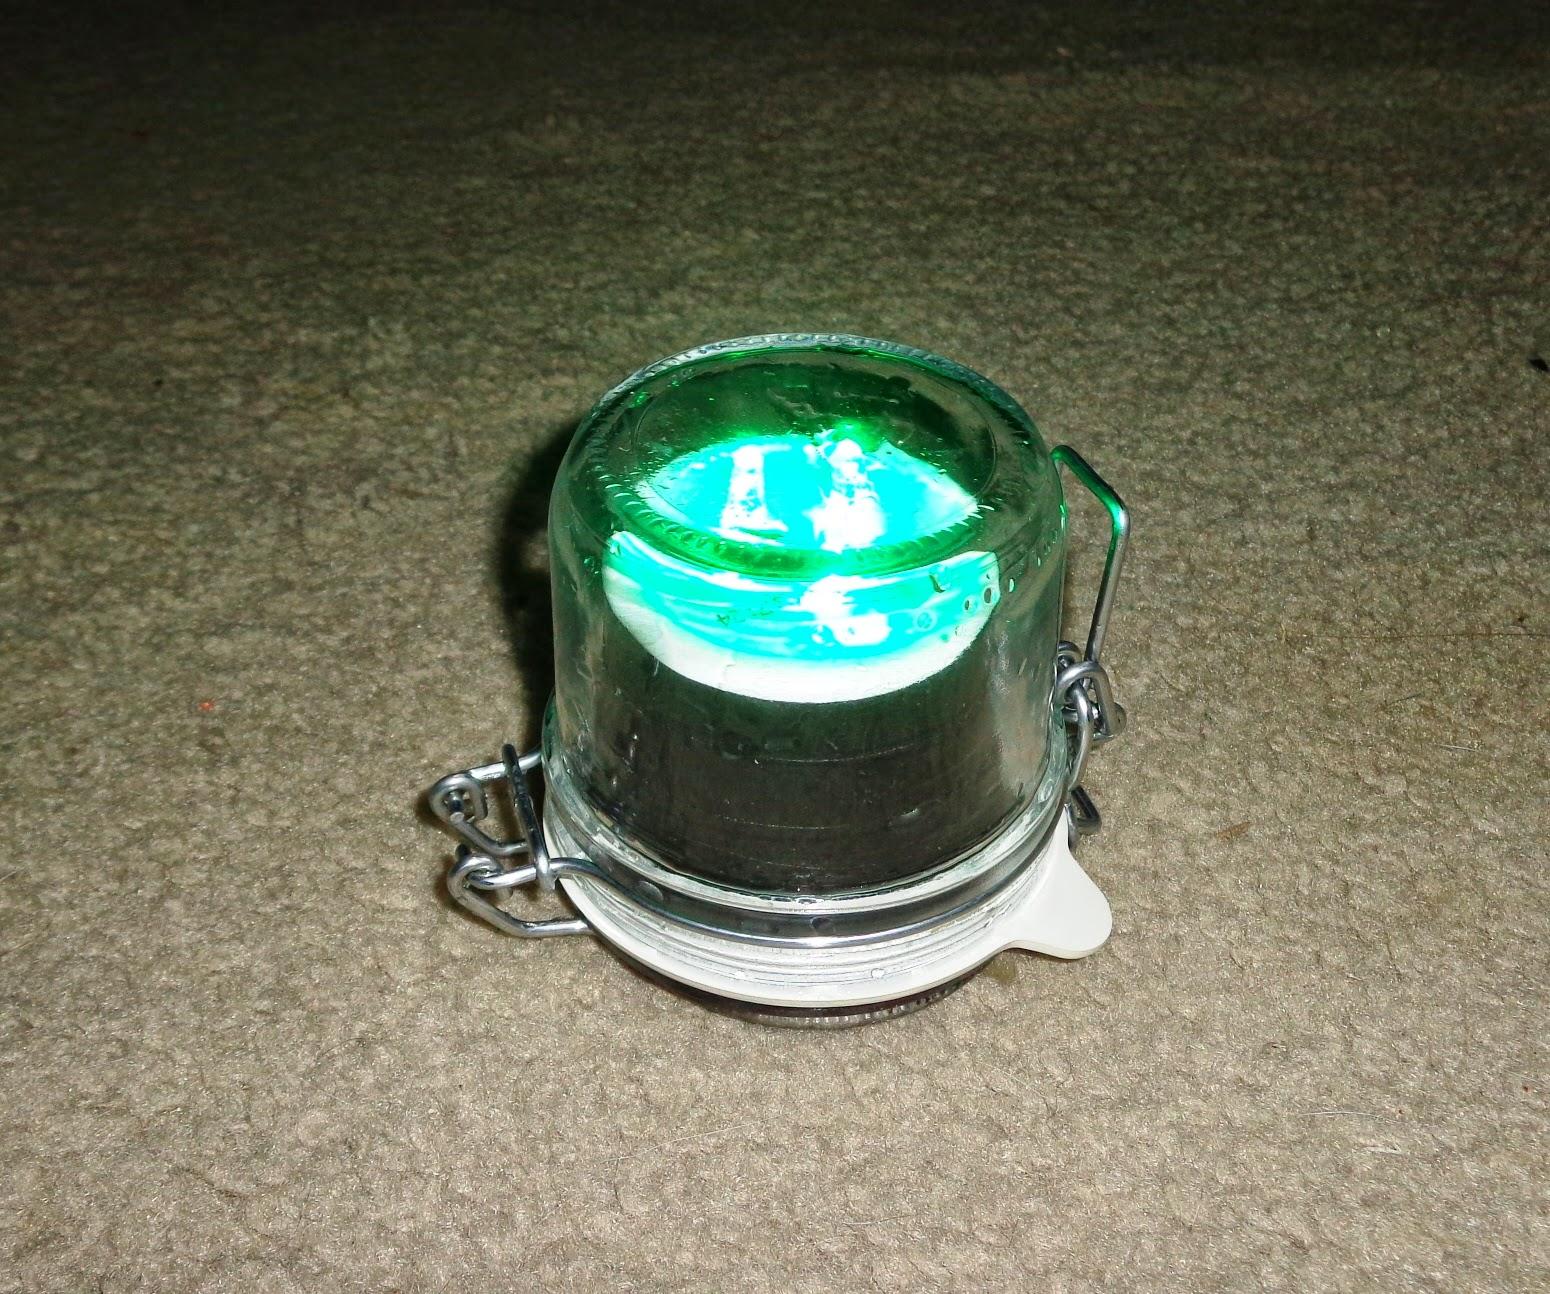 City of allen fishing homemade green led fishing light for Green led fishing lights